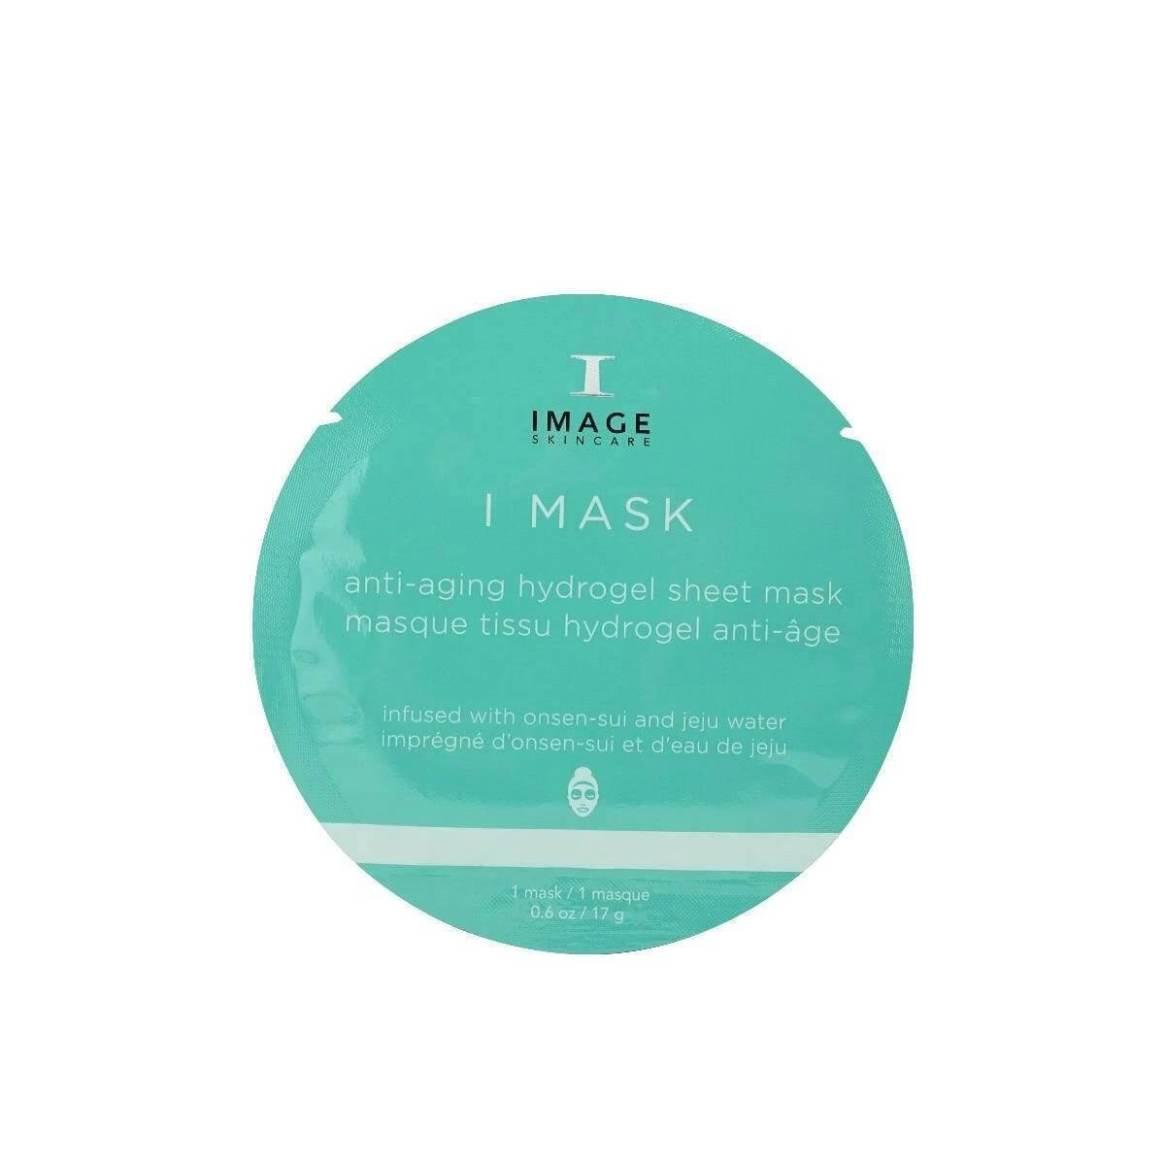 Image Skincare I MASK anti-aging hydrogel sheet mask (single)